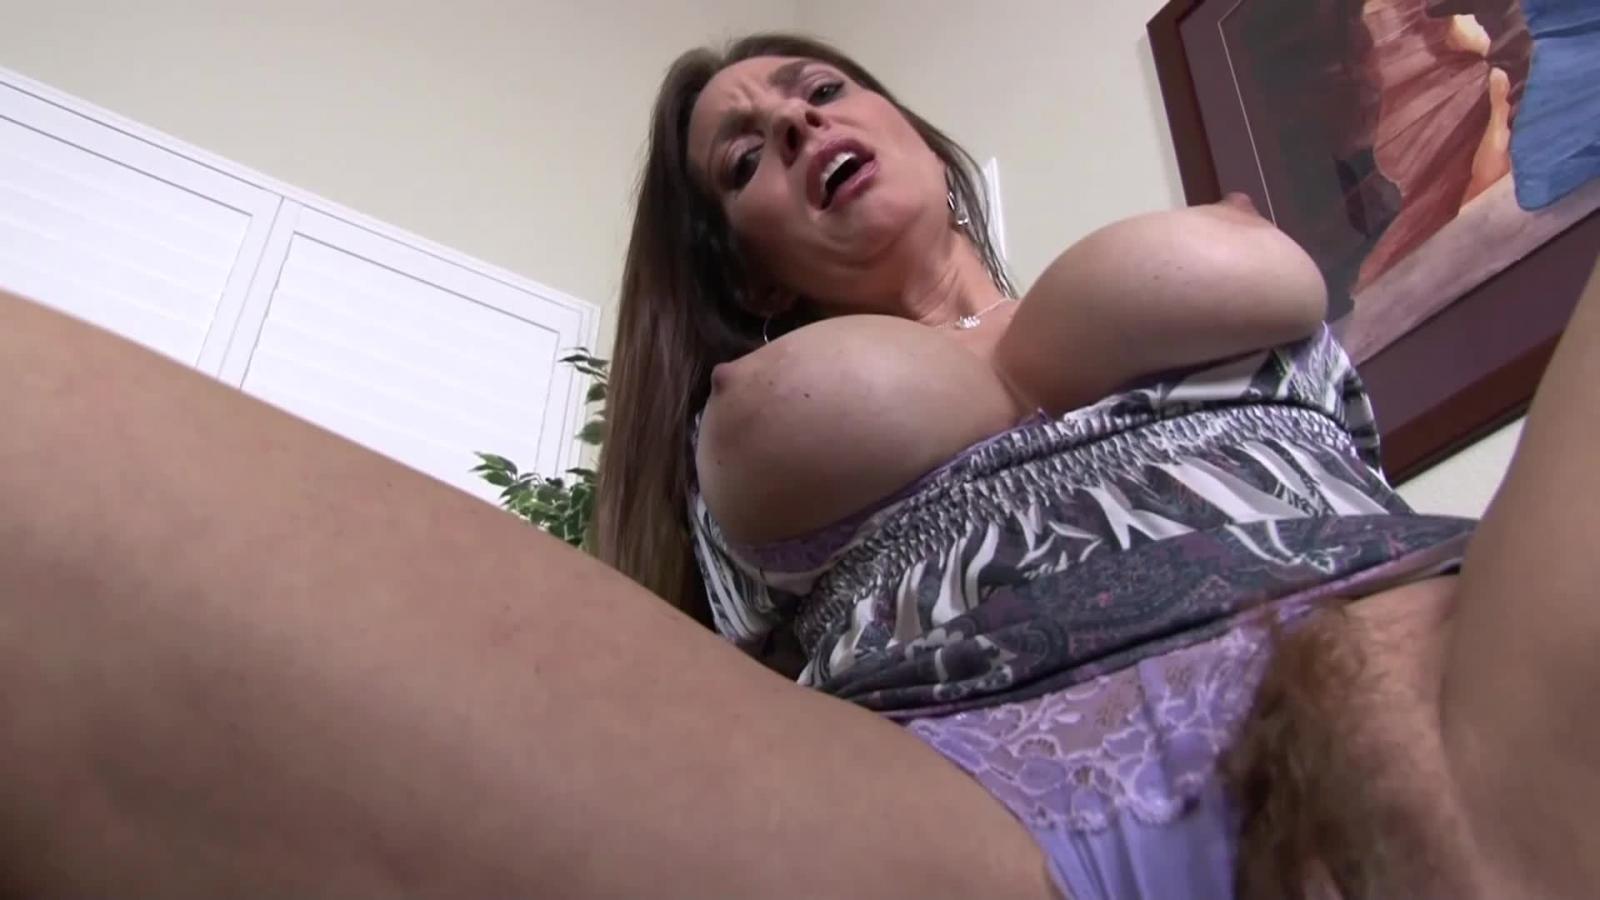 Juicy pussy porn pics